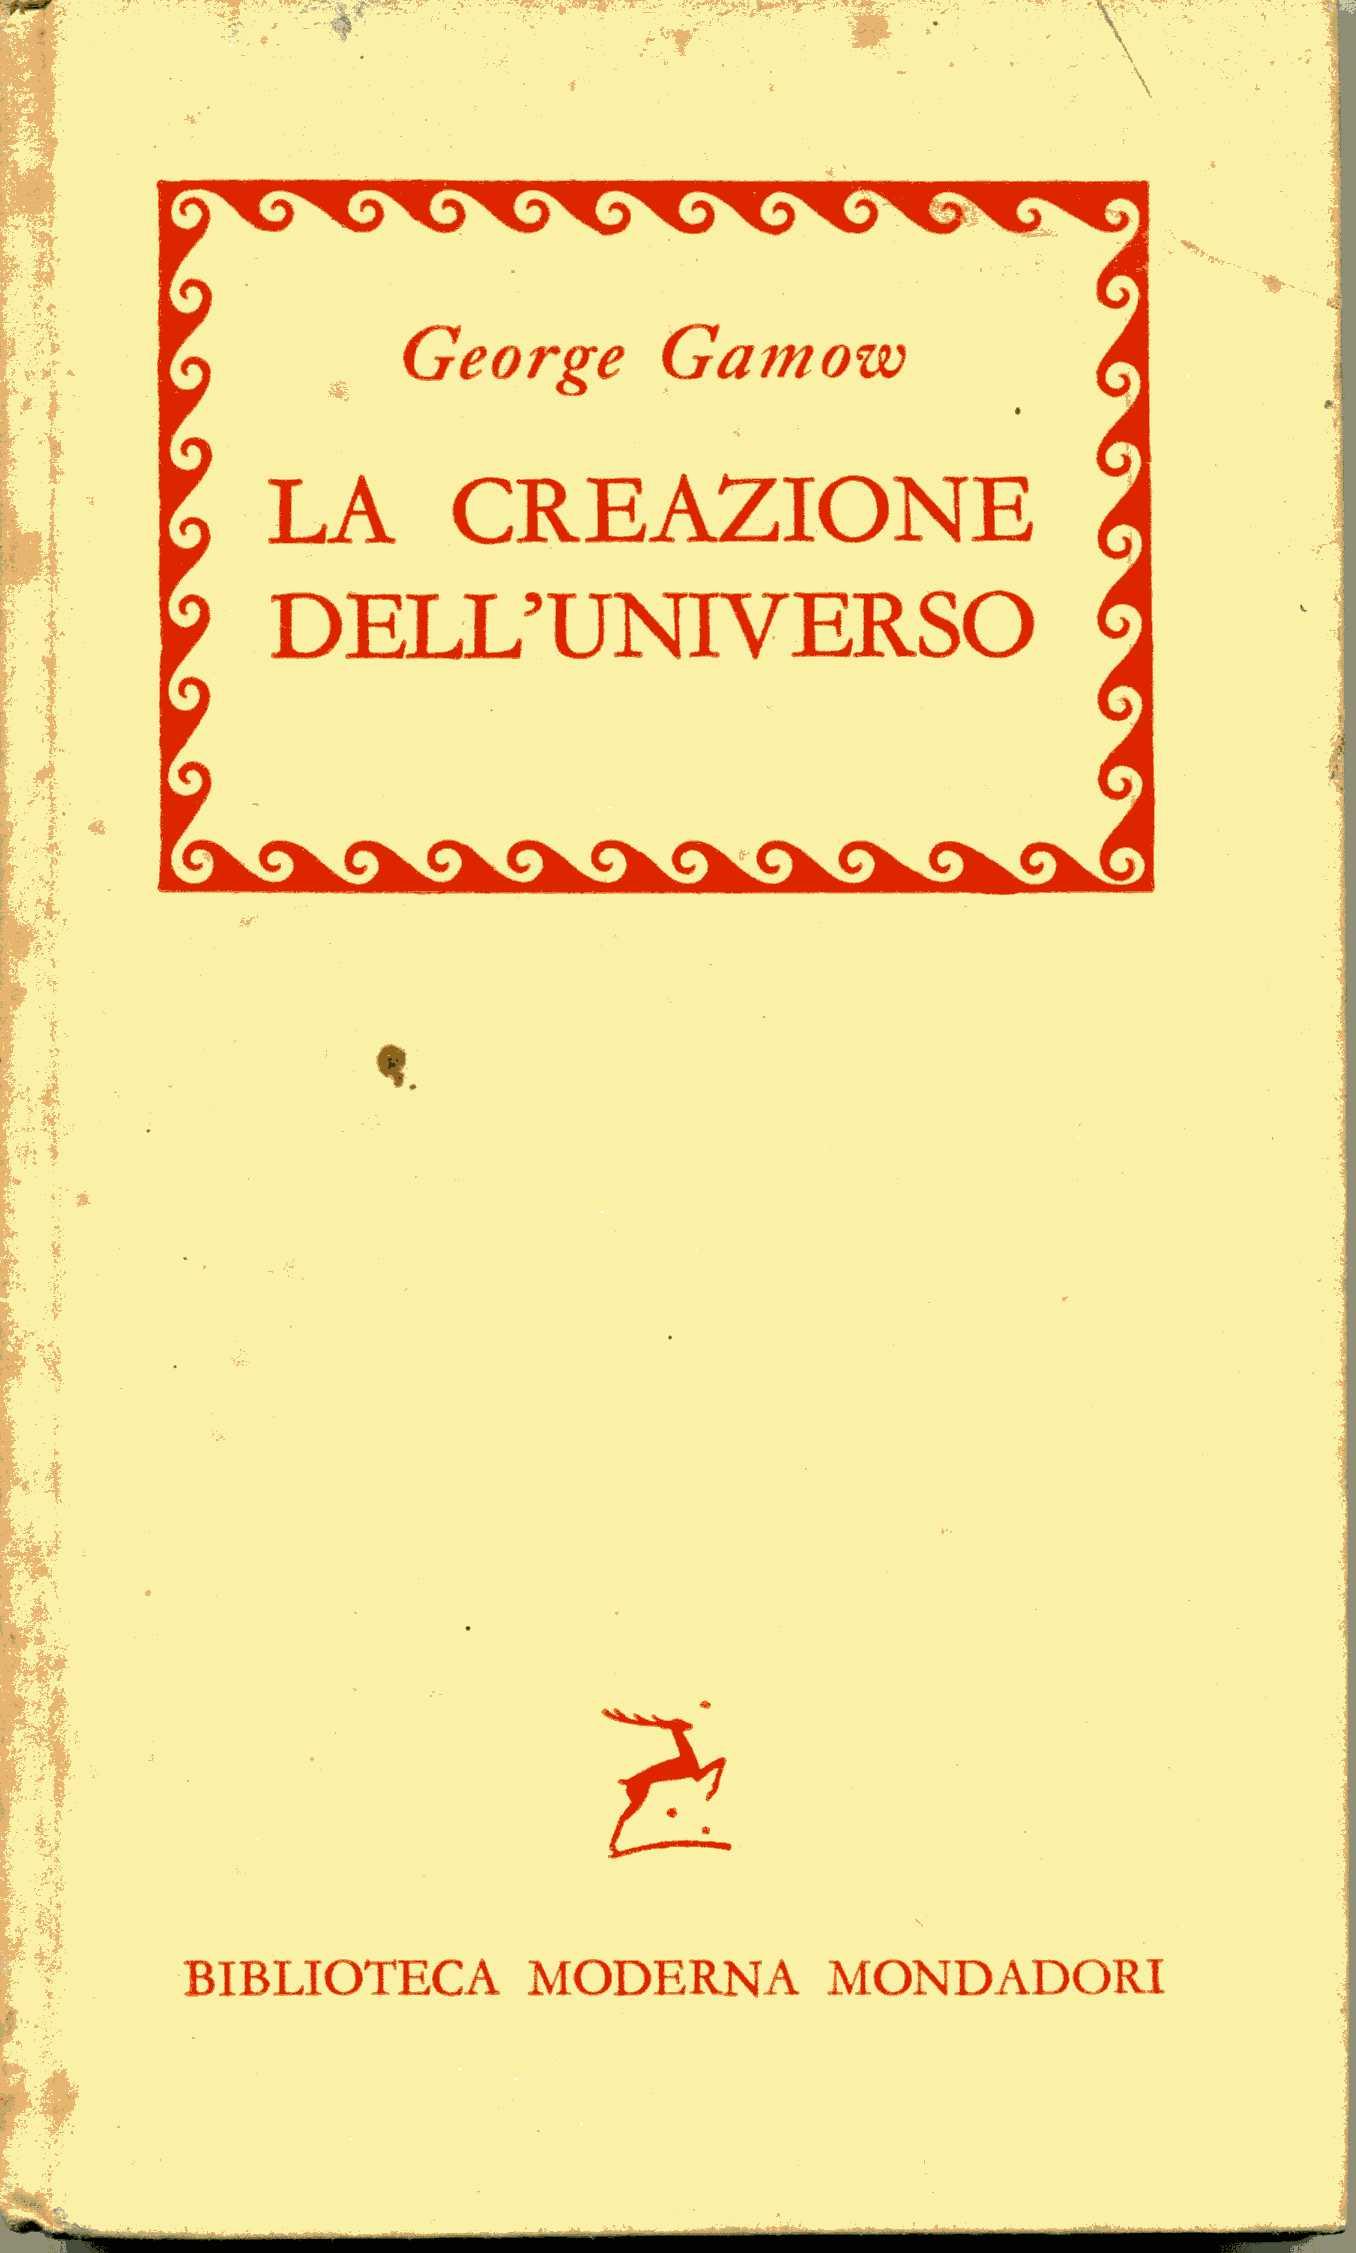 La creazione dell'universo